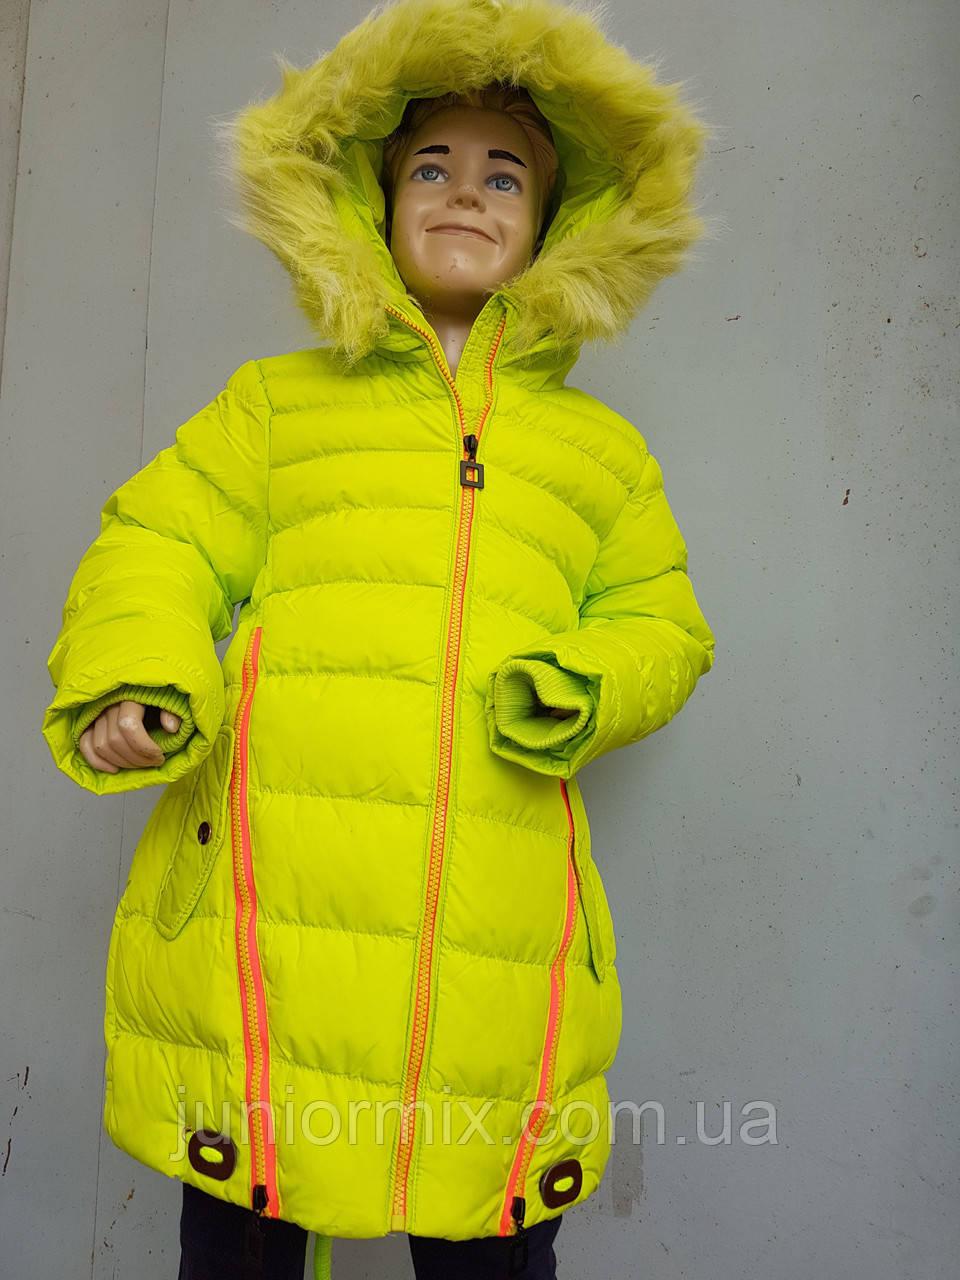 997fe83ecab0 Куртка на девочку зимняя HIKIS со звездой на спине